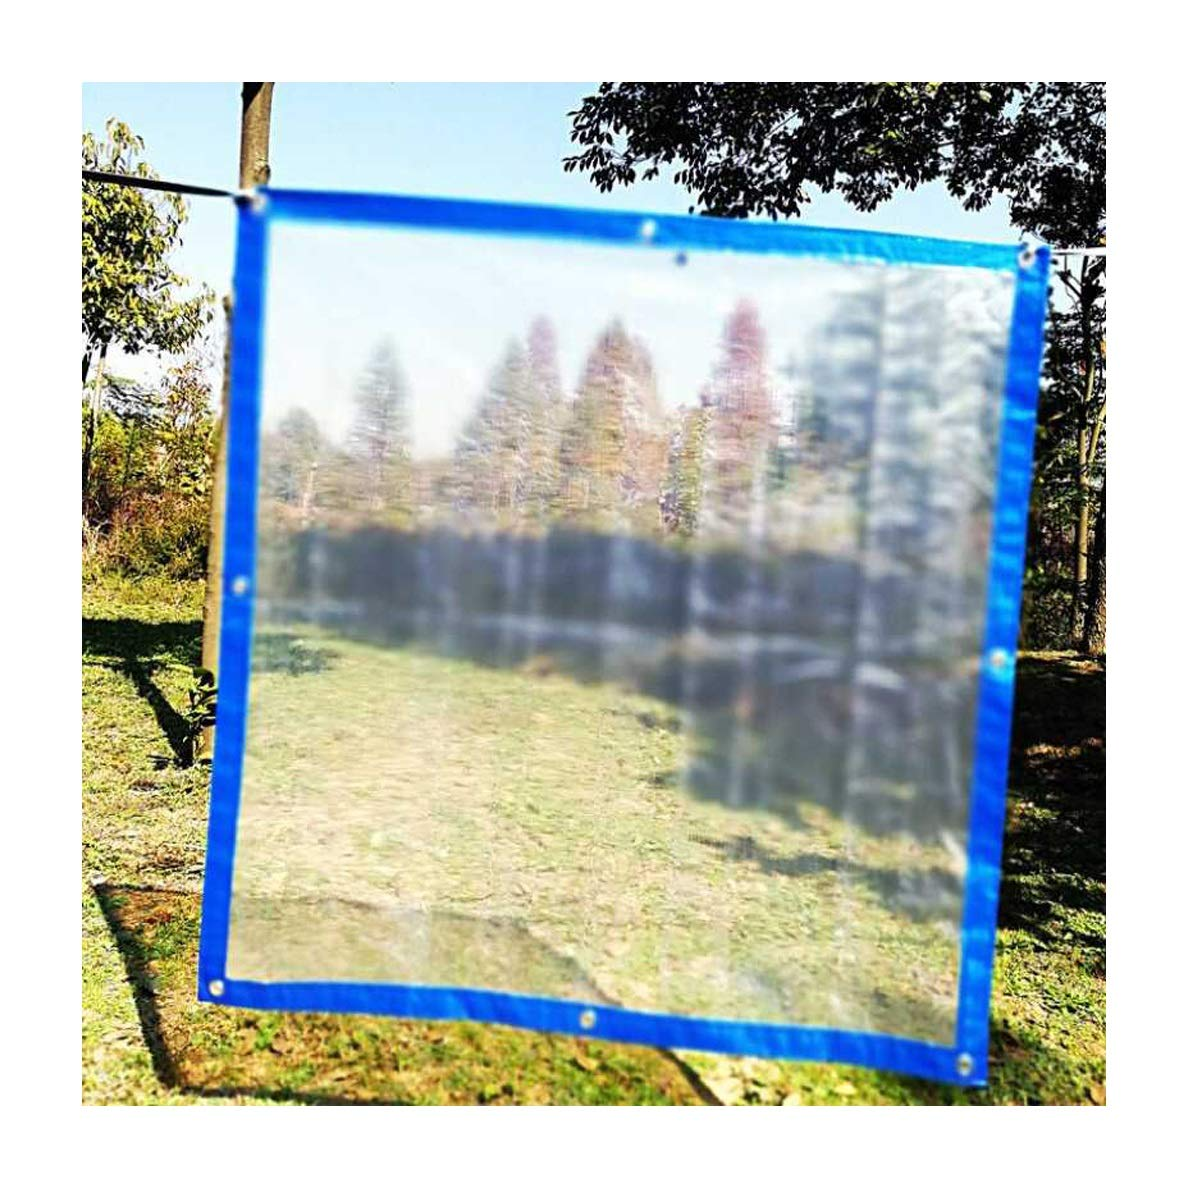 4x4m LIAN La bÂche en Plastique épaisse prougeectrice prougeège la bÂche imperméable Transparente imperméable en Plastique de bÂche en Plastique épaisse (Taille   3x5m)